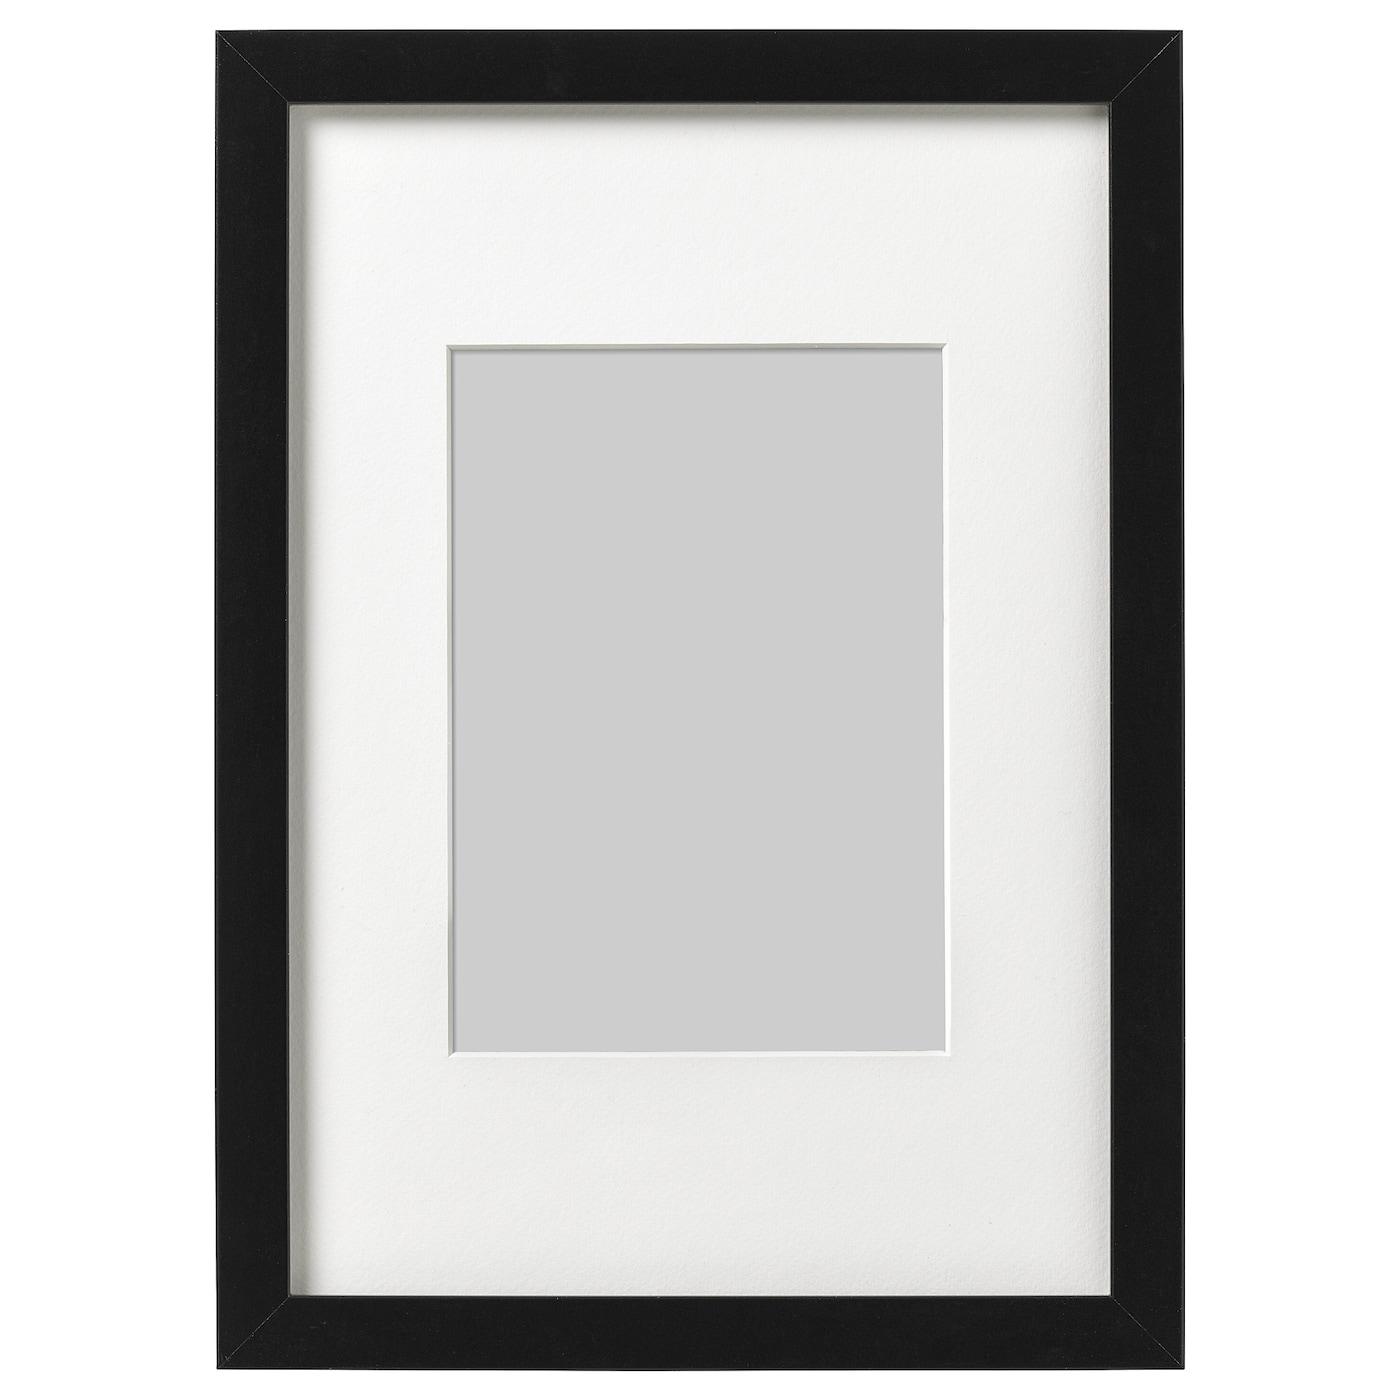 photo frames picture frames multi photo frames ikea. Black Bedroom Furniture Sets. Home Design Ideas